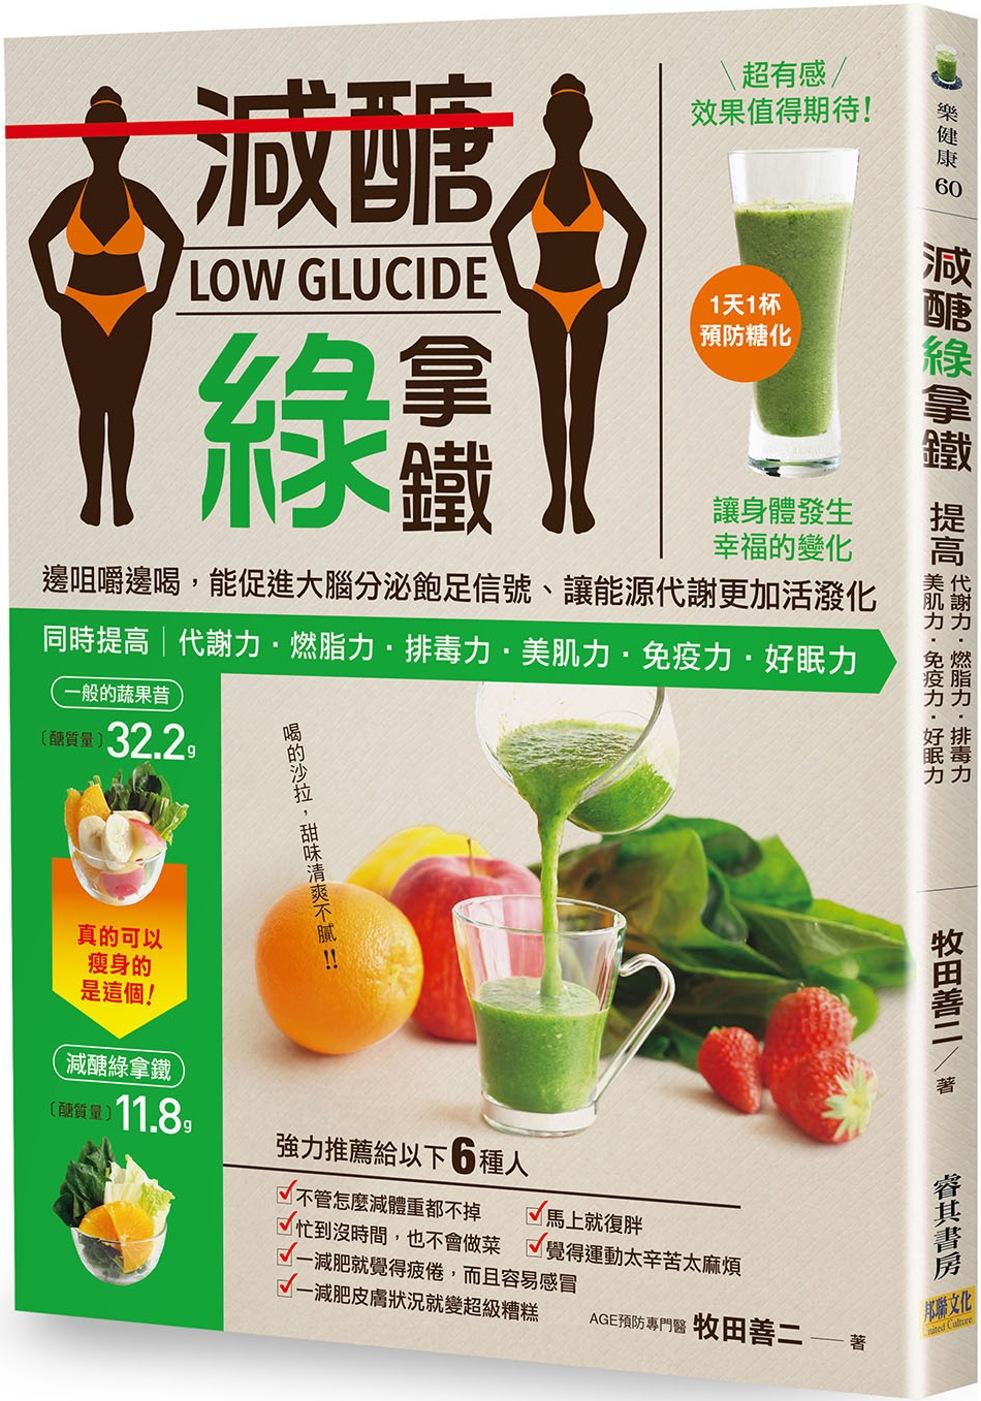 減醣綠拿鐵:邊咀嚼邊喝,能促進大腦分泌飽足信號、讓能源代謝更加活潑化